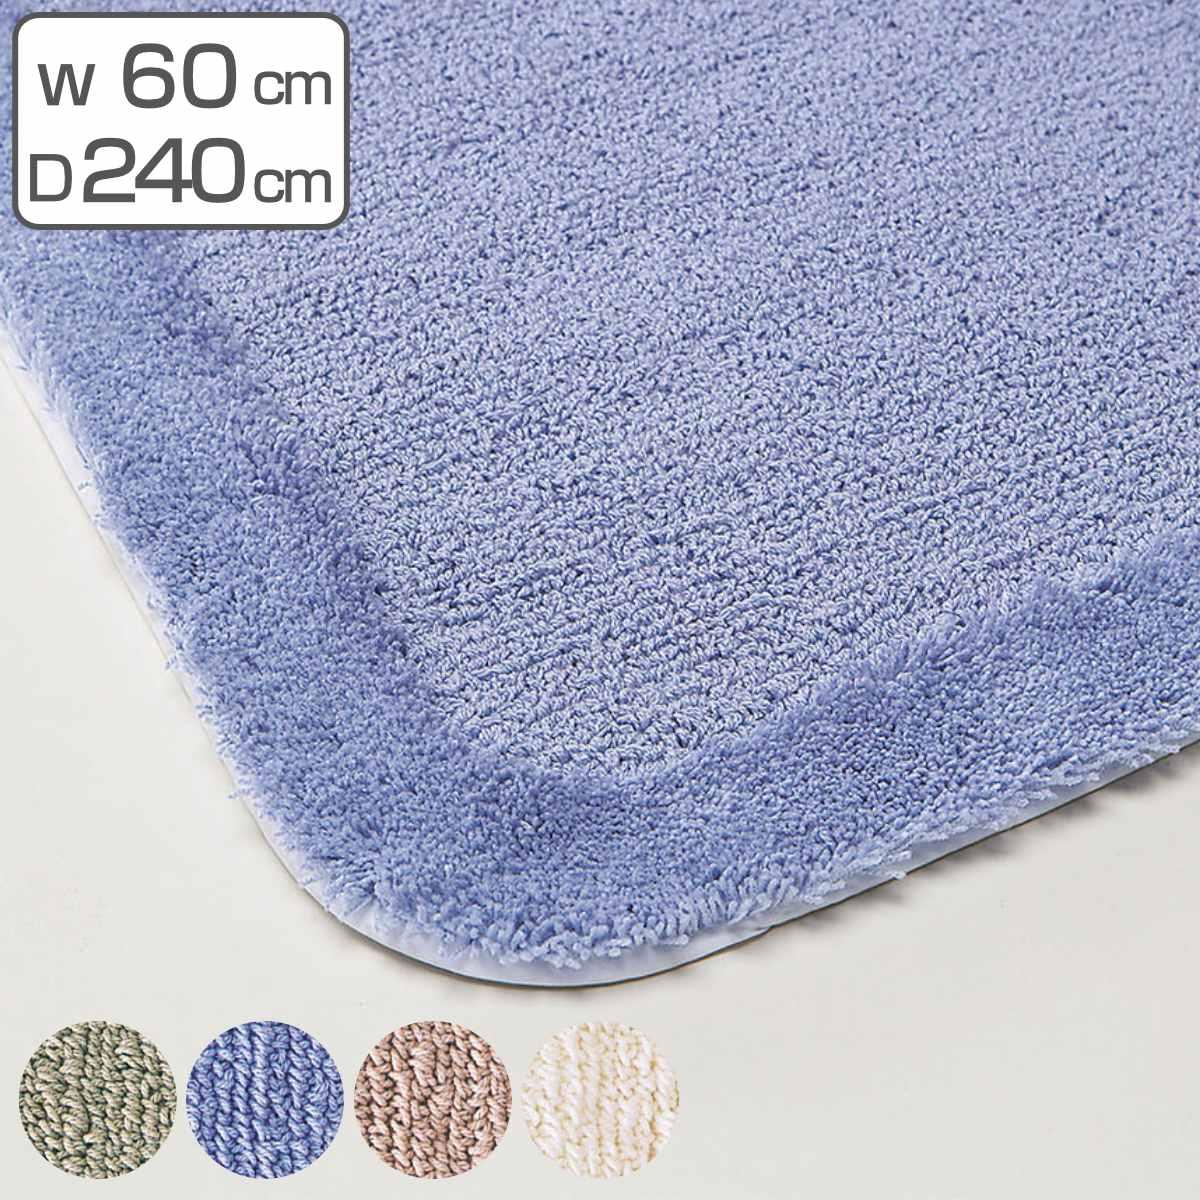 バスマット業務用 吸水ループパイル ノンスリップ抗菌仕様 60×240  ( 足拭き 風呂マット 送料無料 )